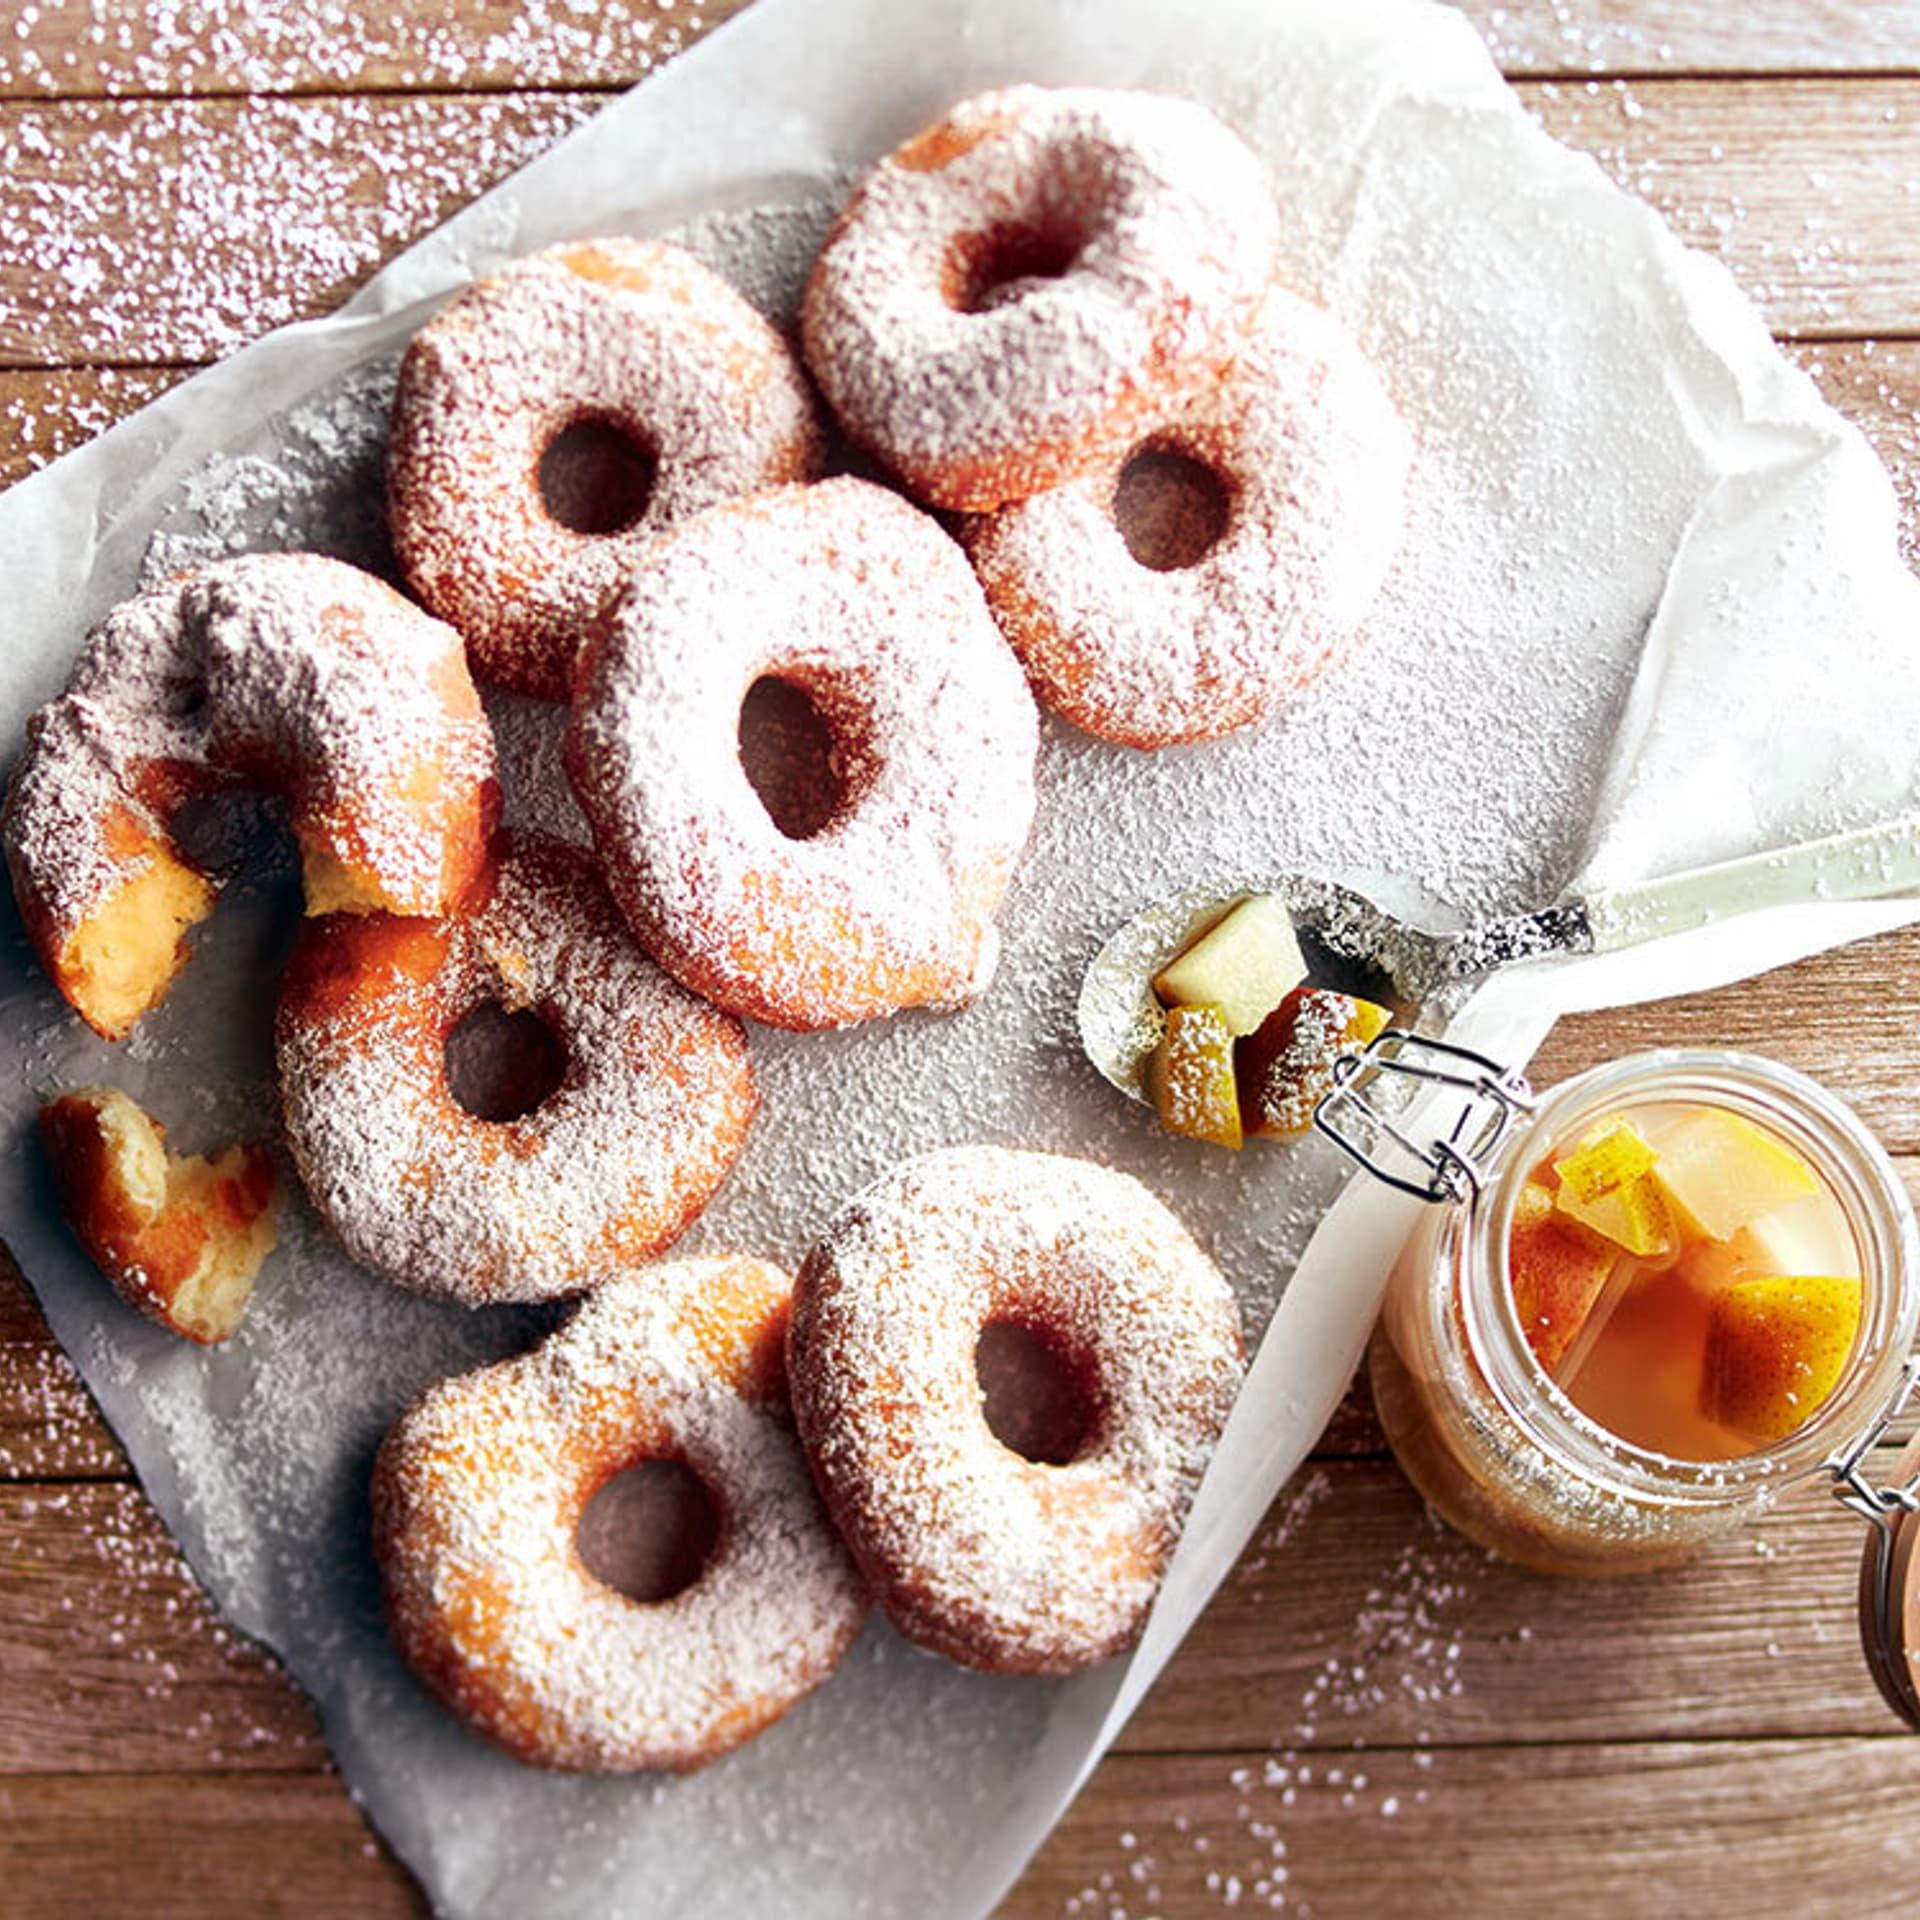 Kartoffel-Donuts mit Zimt-Birnen